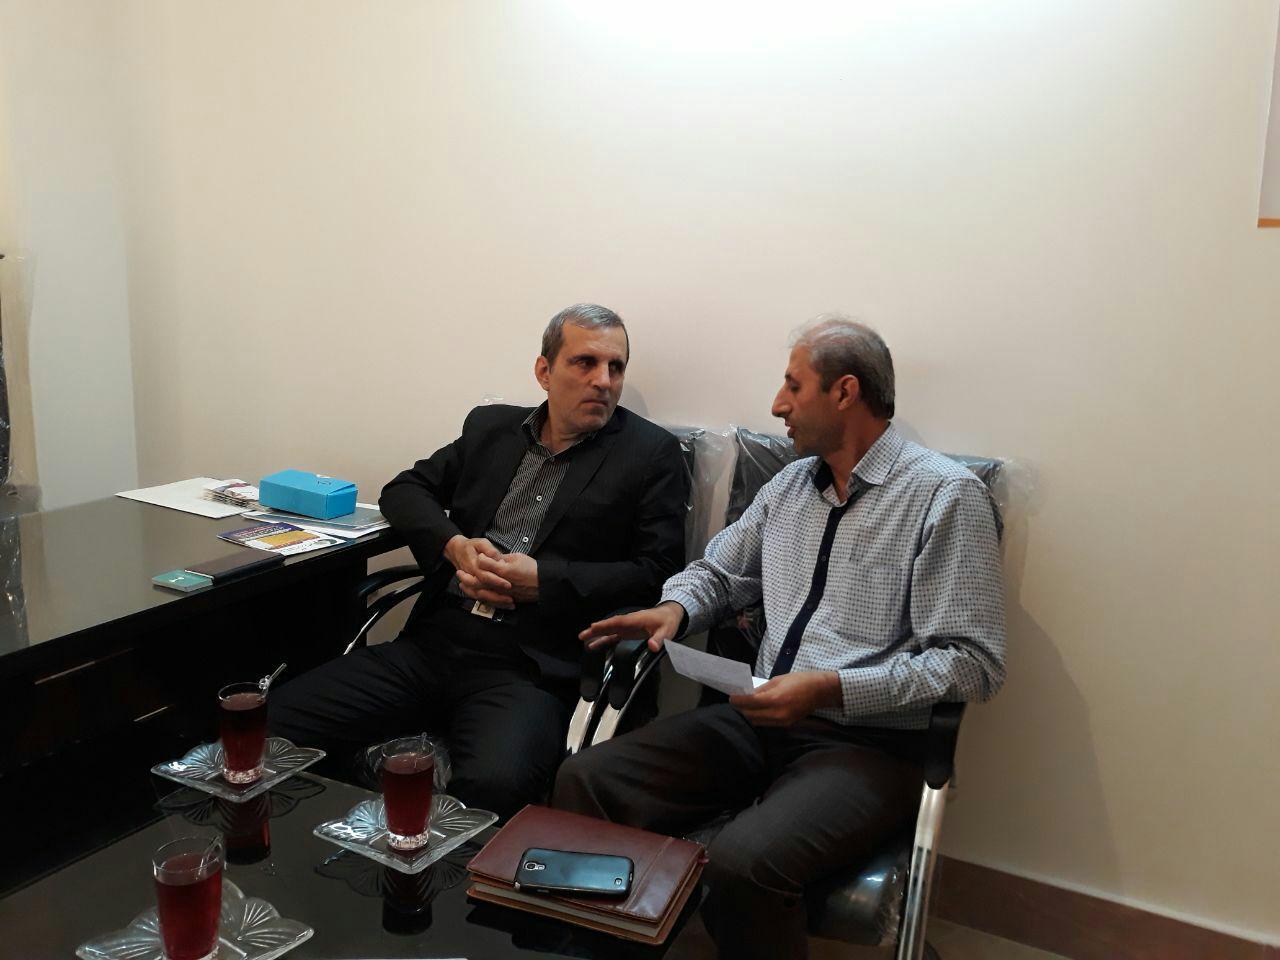 نشست صمیمانه و خصوصی با جناب آقای دکتر یوسف نژاد